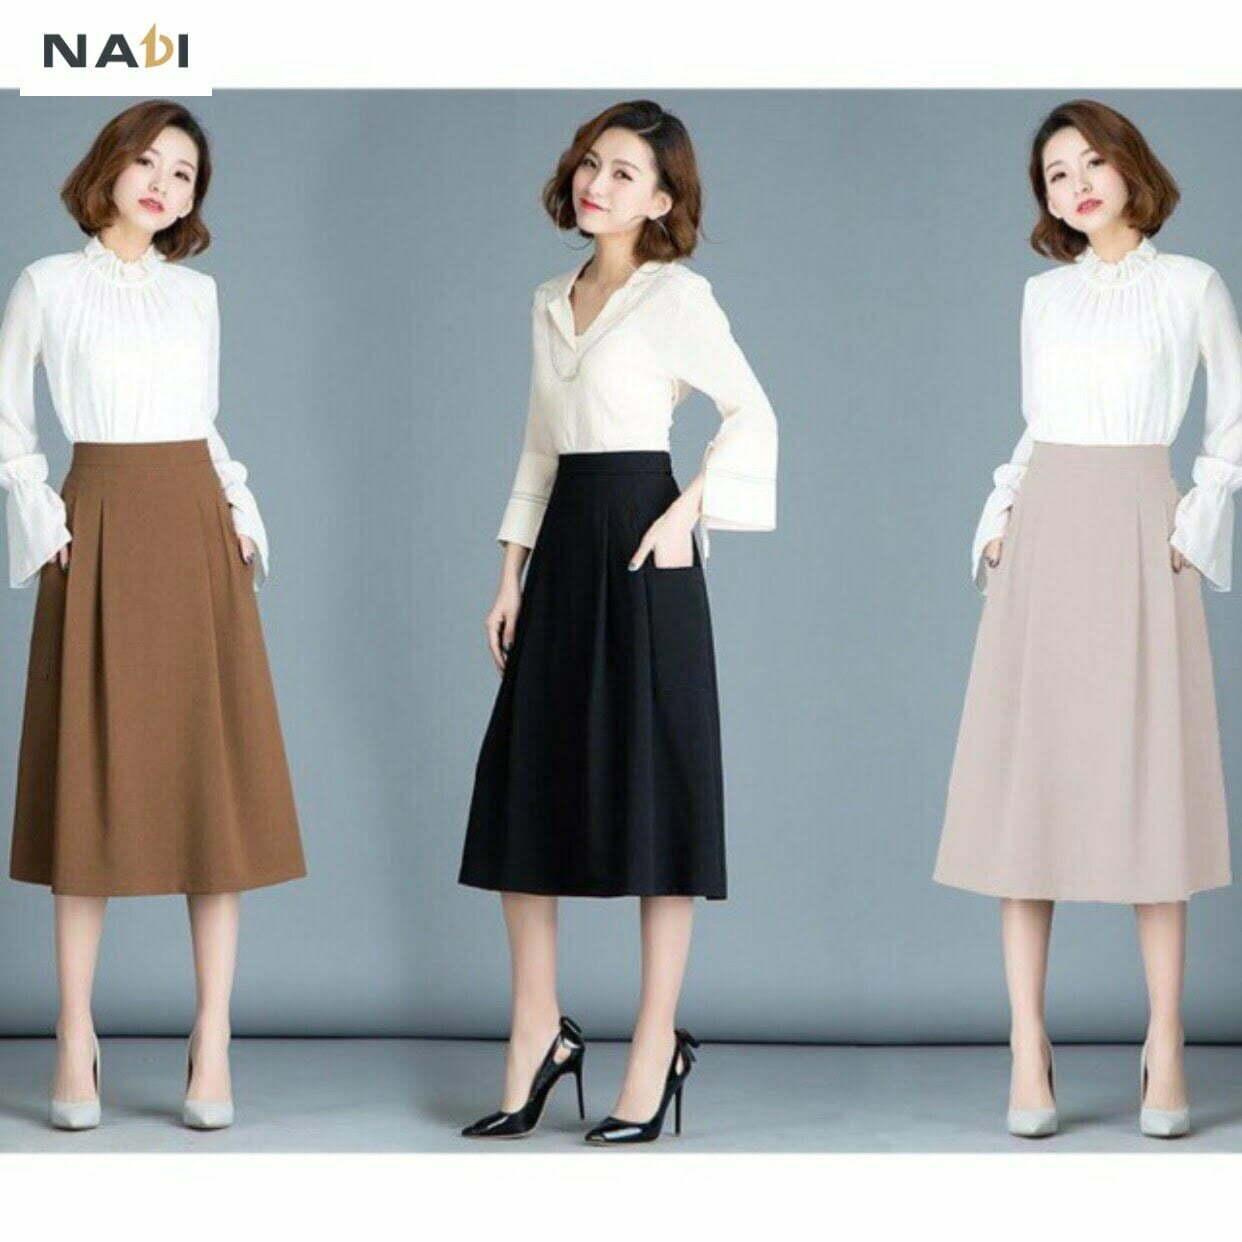 Chân váy công sở giá sỉ bắt kịp với xu hướng hiện đại